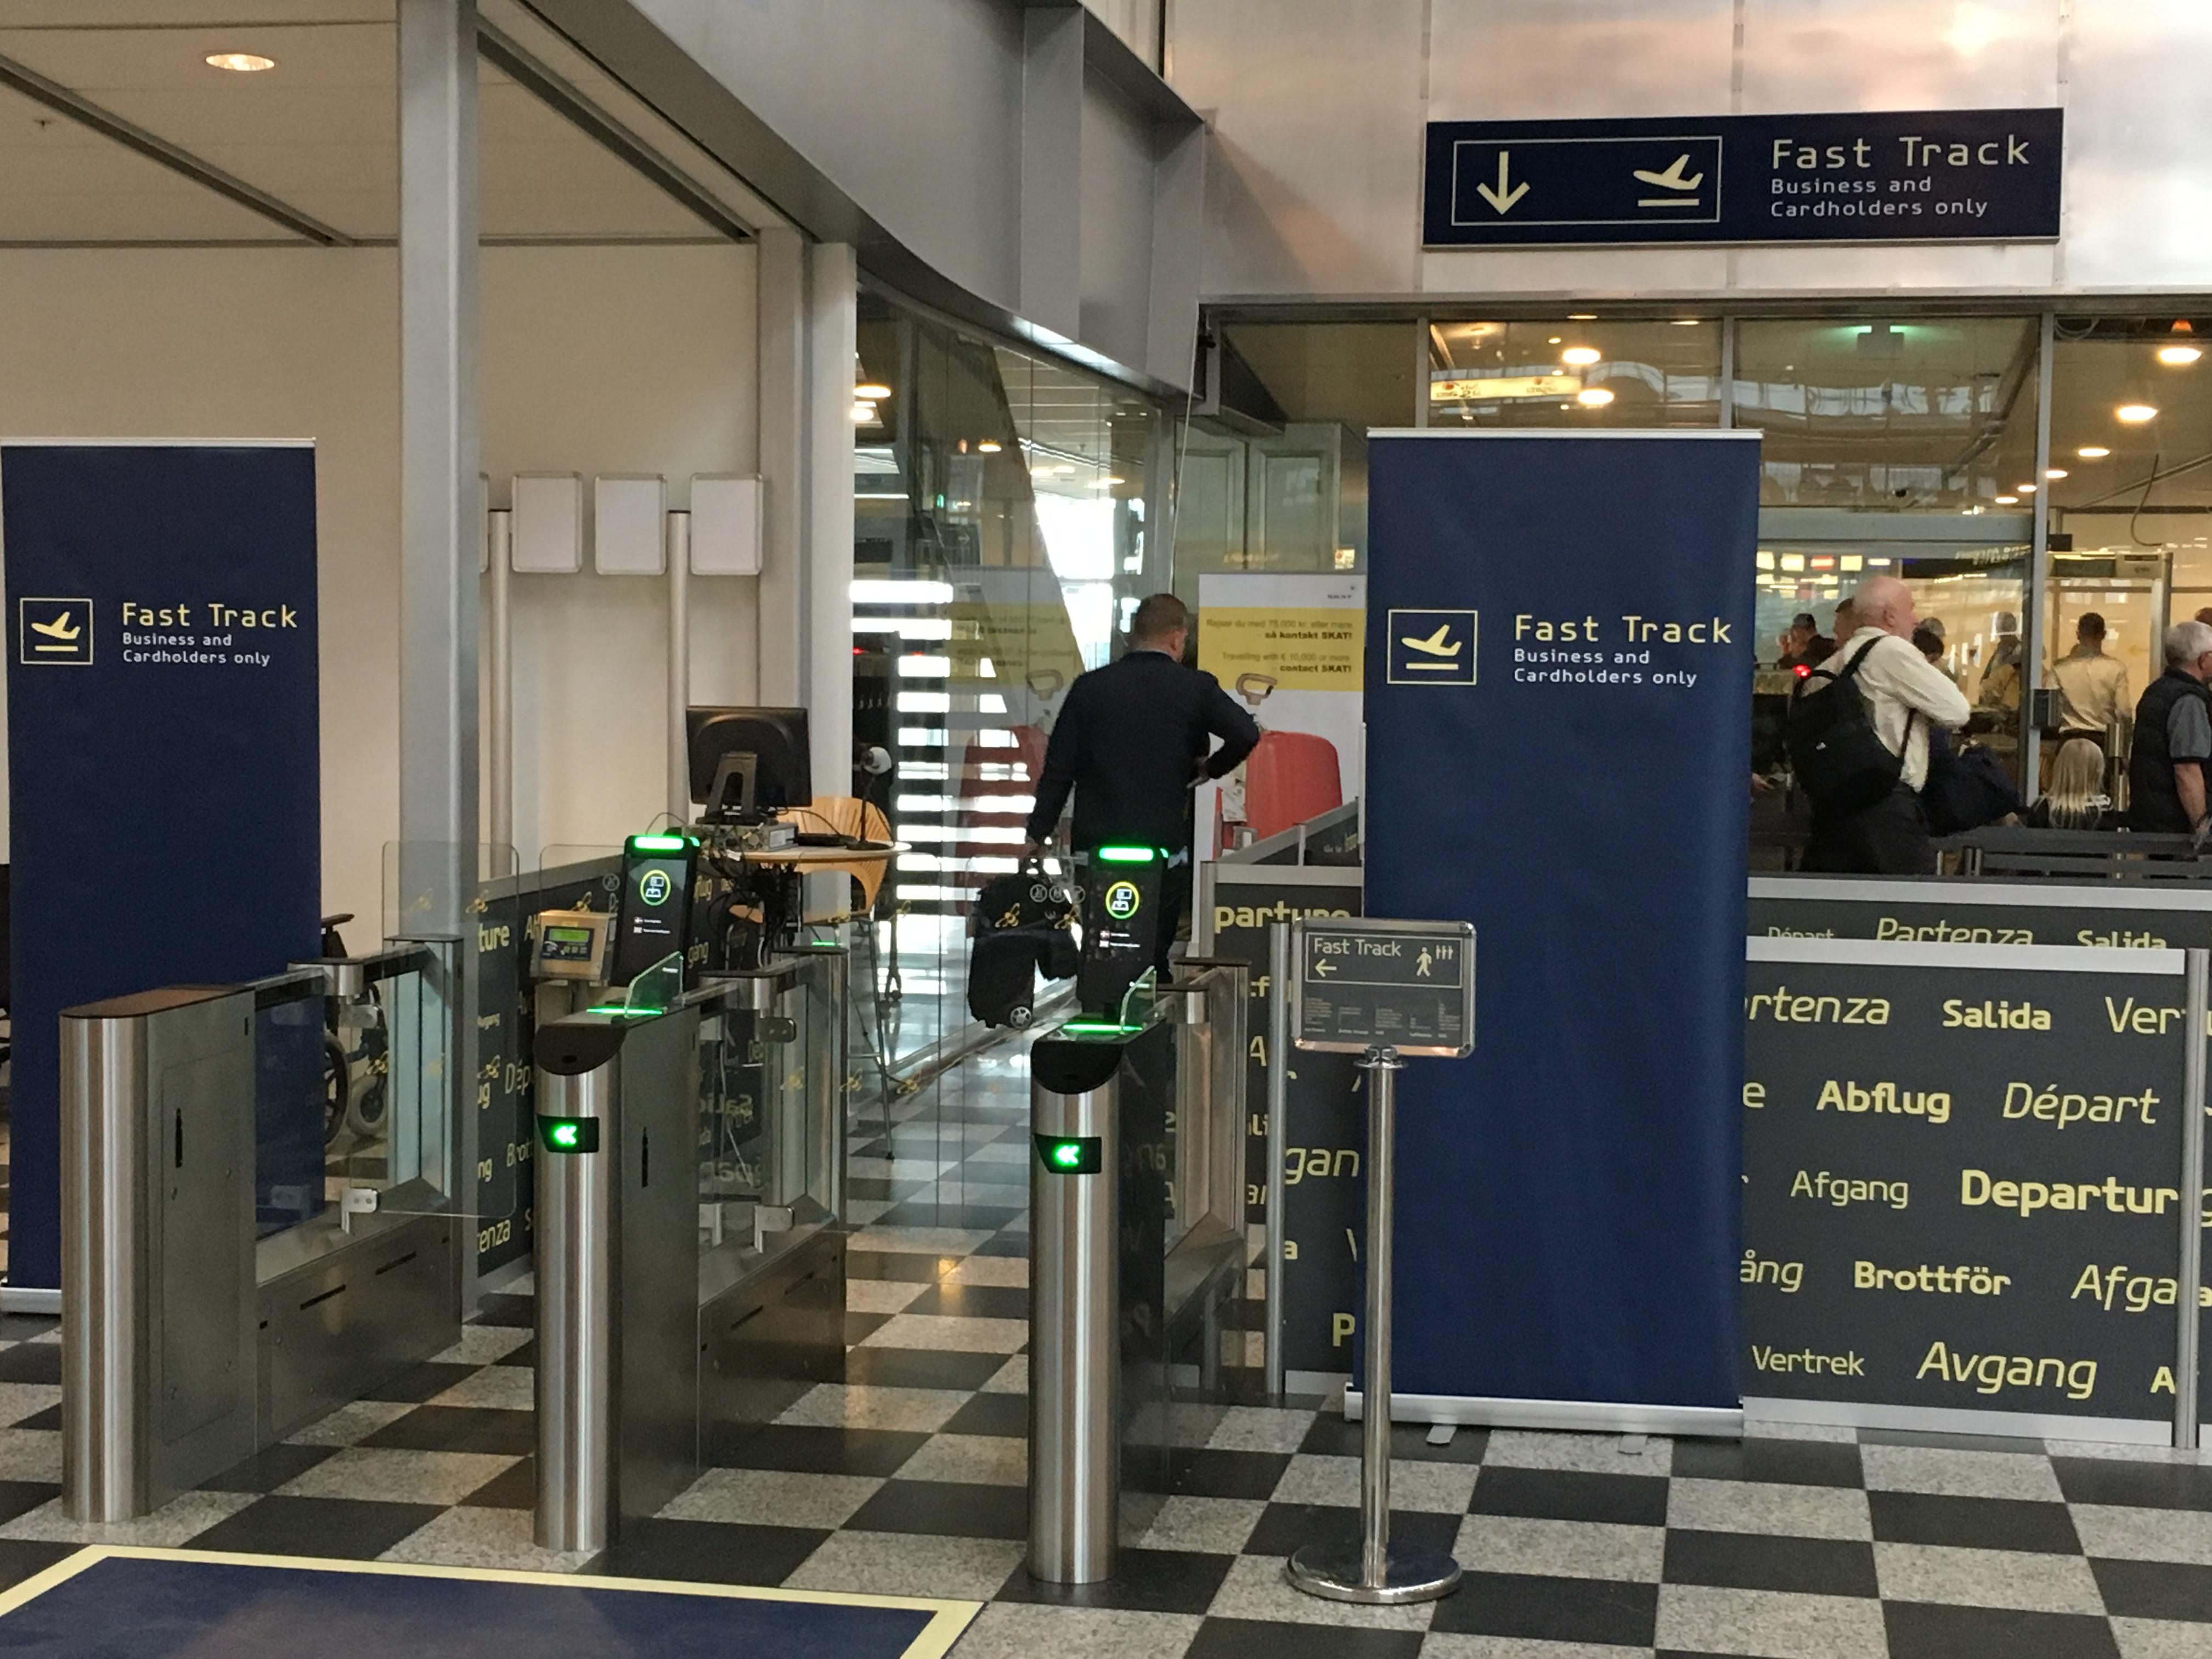 FastTrack med selvbetjeningssluse i Billund Lufthavn. (Foto: BLL)